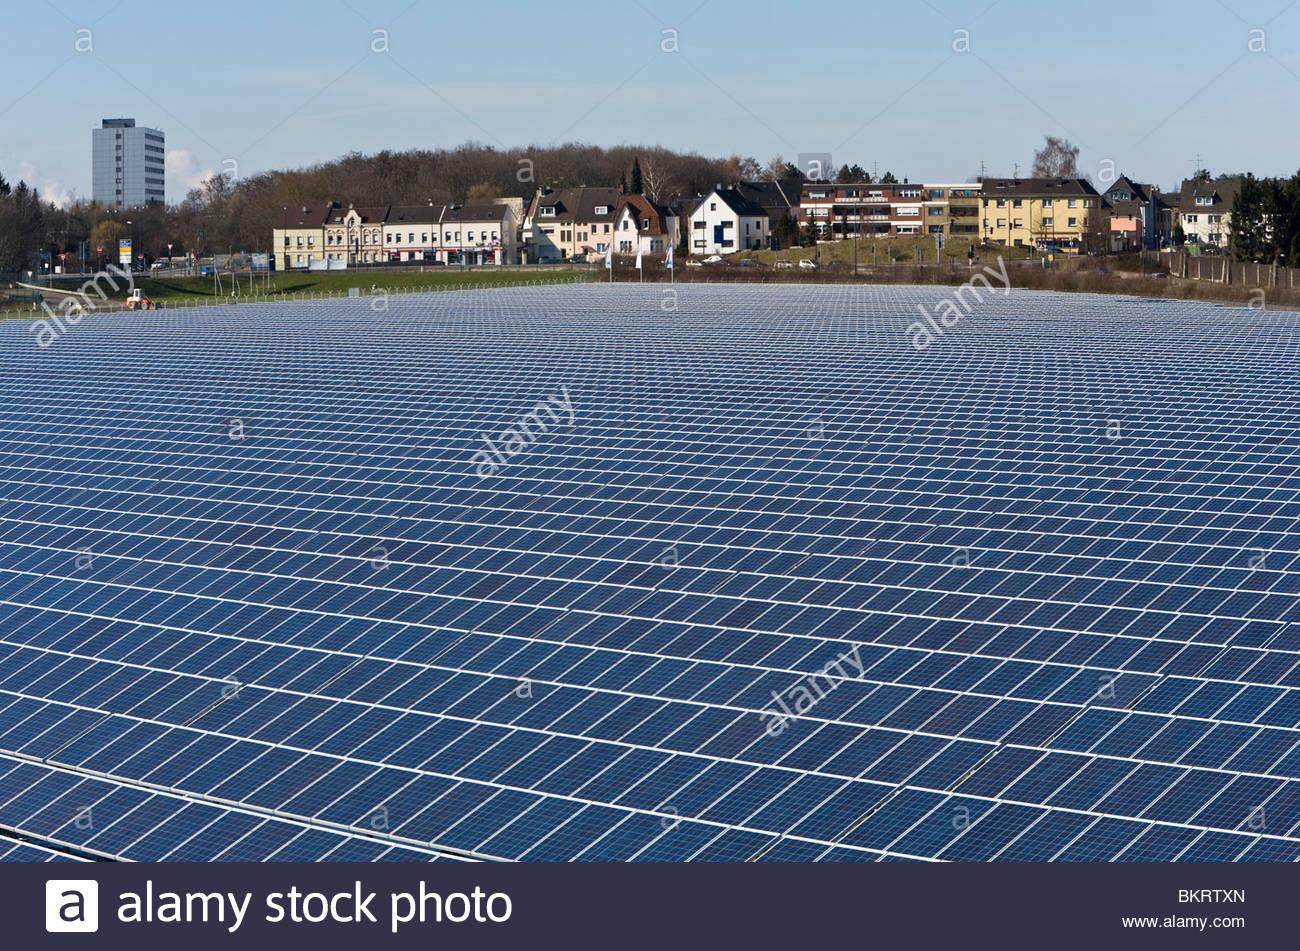 Solaranlagen Köln solarenergie anlage solarpanel photovoltaik erneuerbare energien